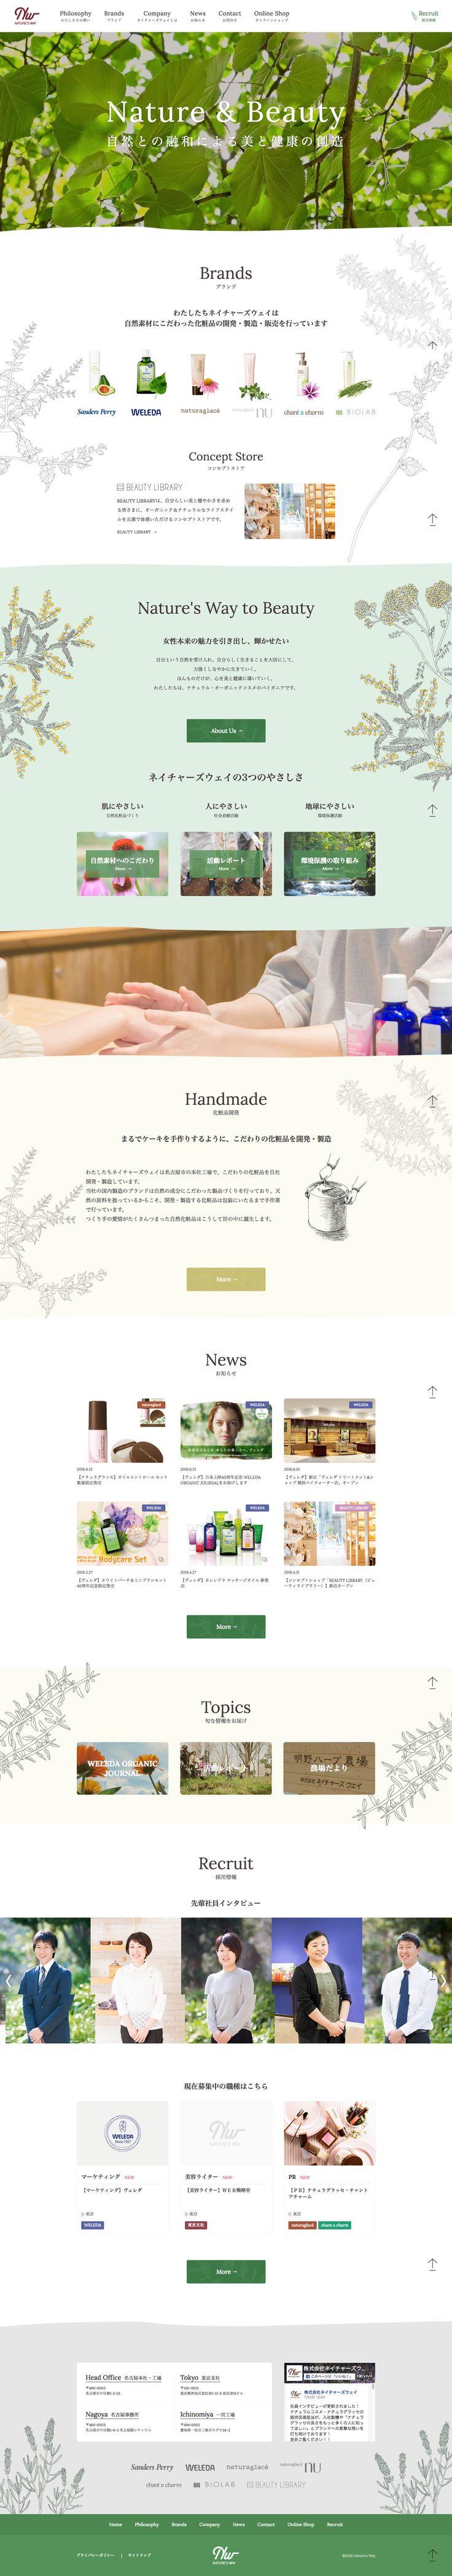 自然化粧品を扱う会社のサイト。スクロールすると左右からイラストが描かれる。ページ中にあるボタンの背景に、さりげなくイラストが入っているのが可愛い。明朝体デザインは苦手なので参考にしたい。